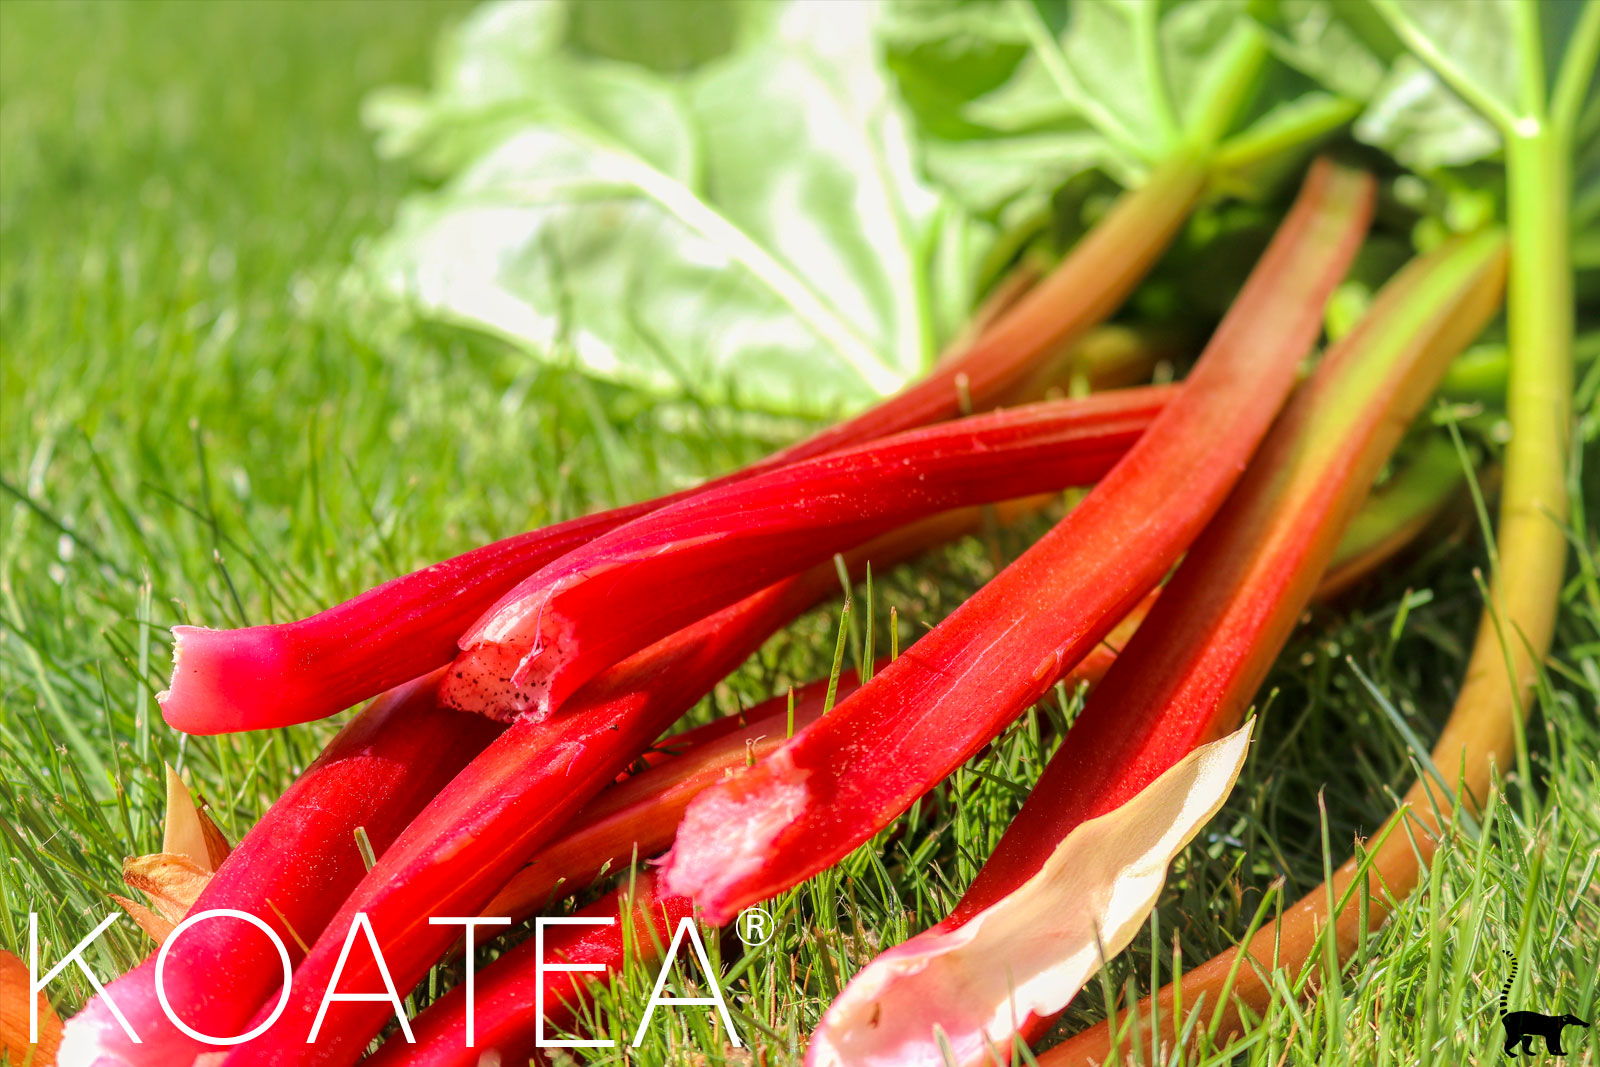 Véritables feuilles de rhubarbe mûres